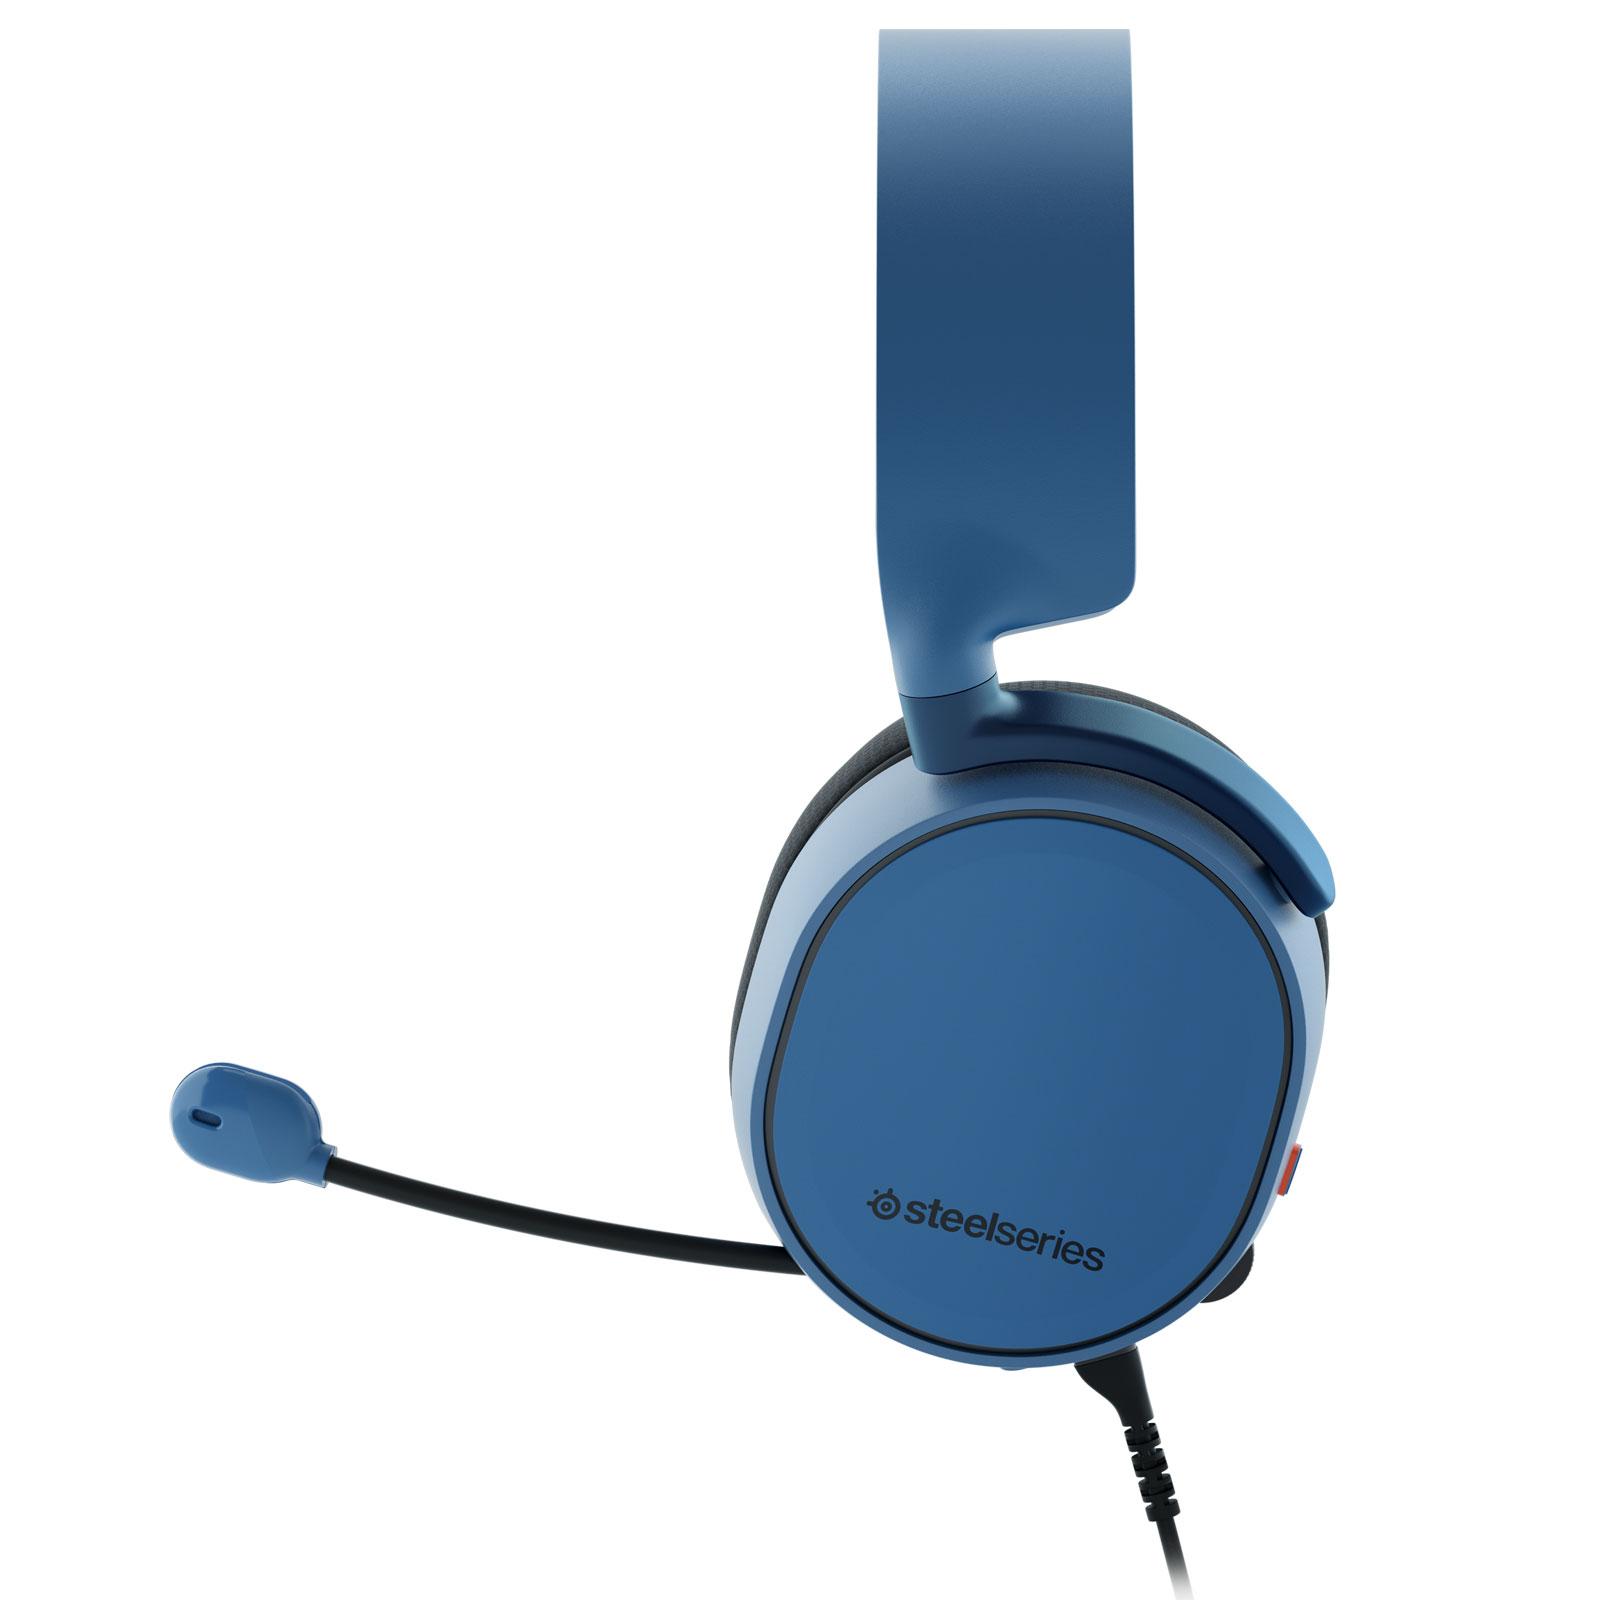 Steelseries Arctis 3 Bleu Stereo Bleu - Micro-casque - Cybertek.fr - 1